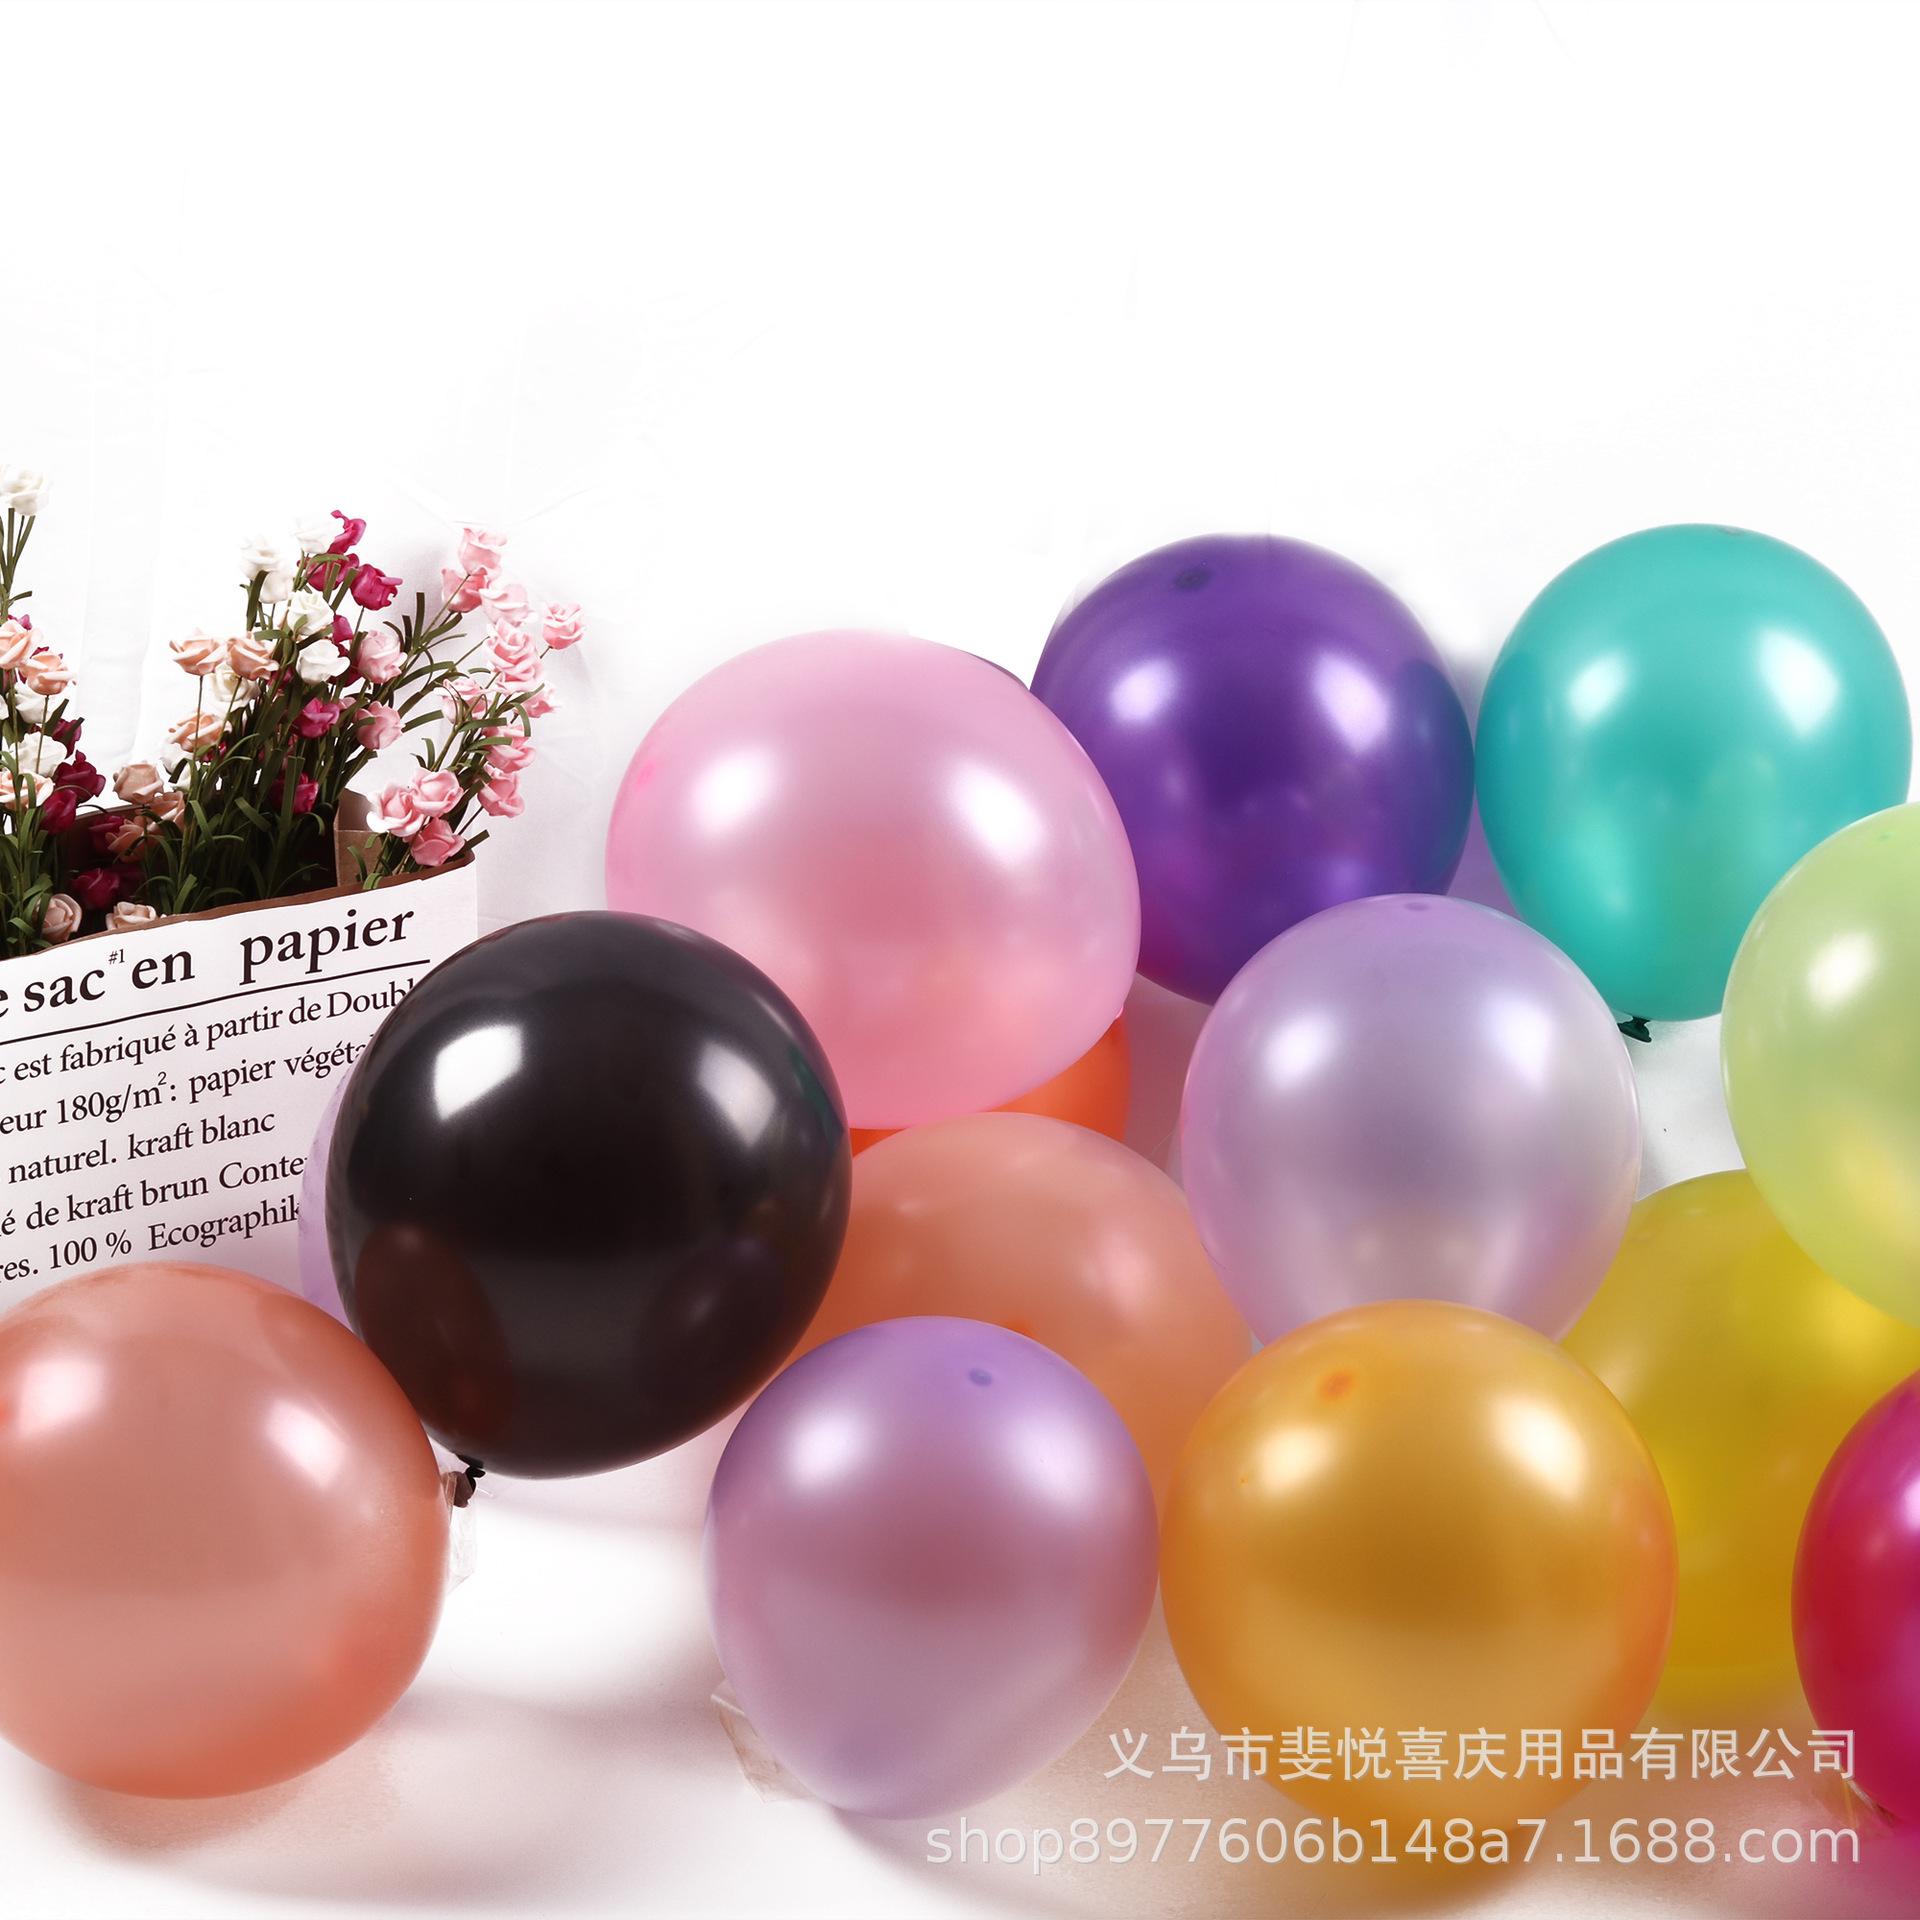 12寸2.8克昊霖亚光加厚仿美乳胶气球 生日派对场景布置婚礼装饰球